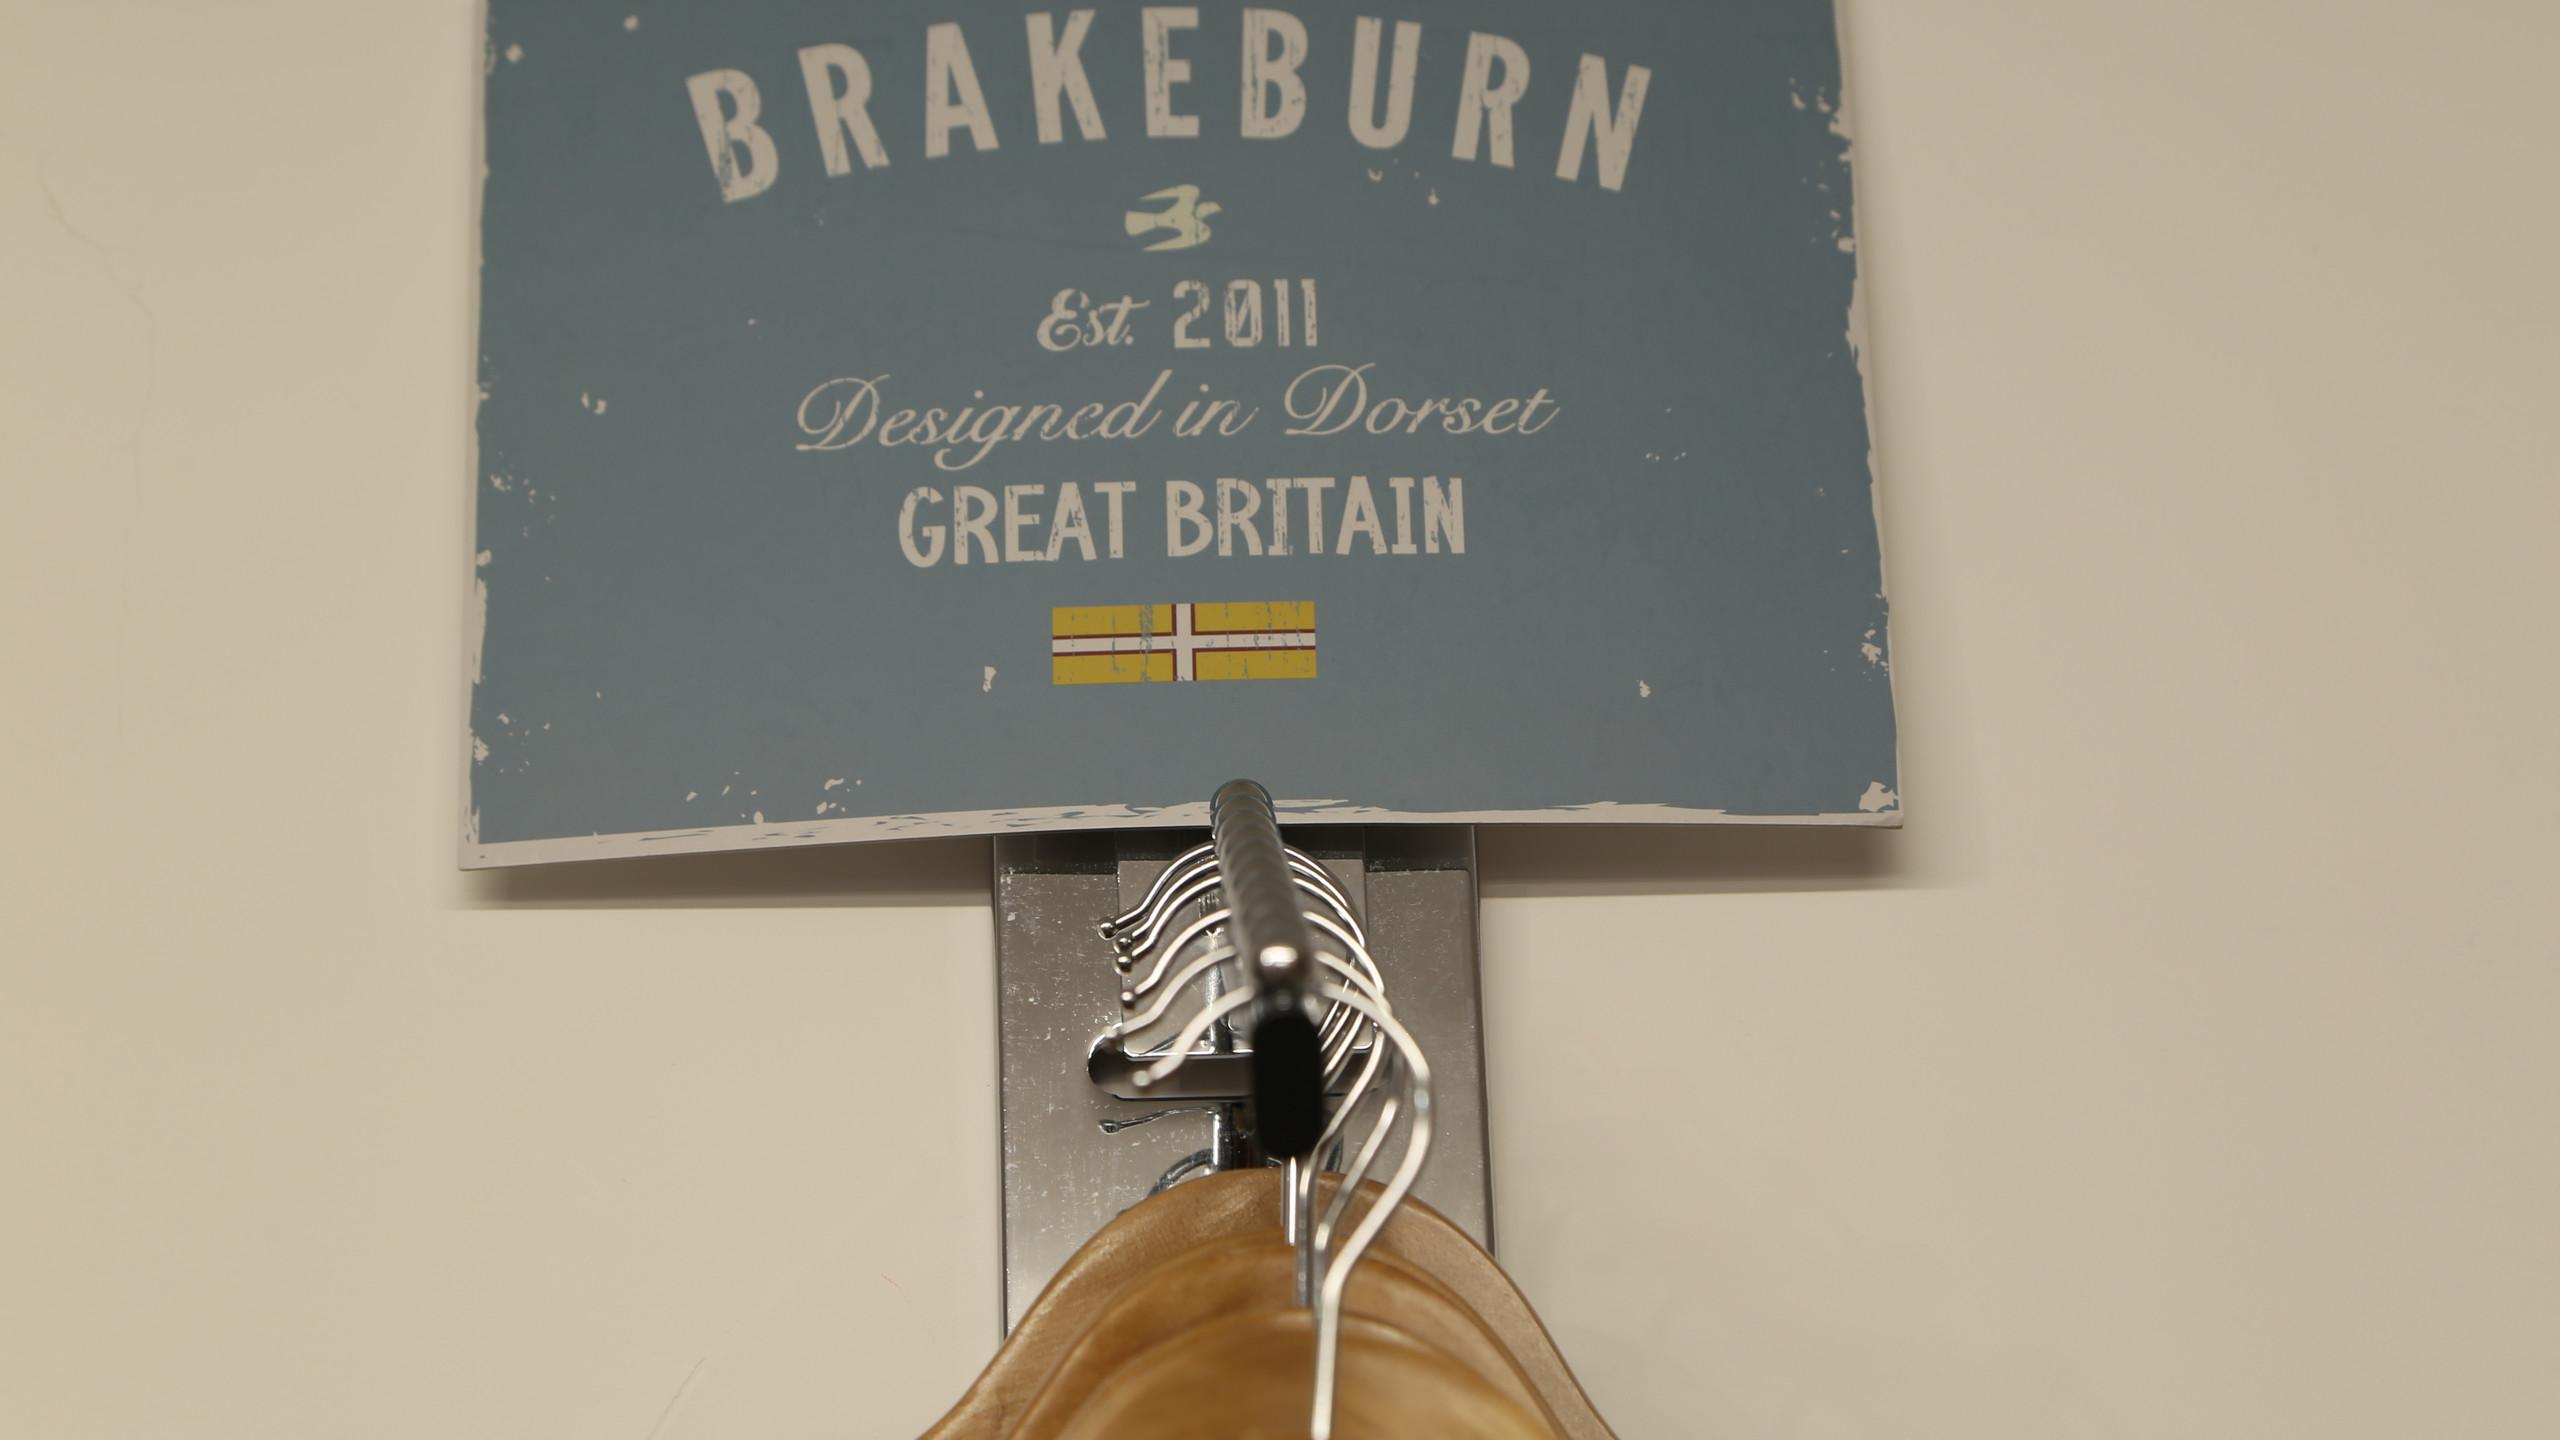 Brakeburn brand